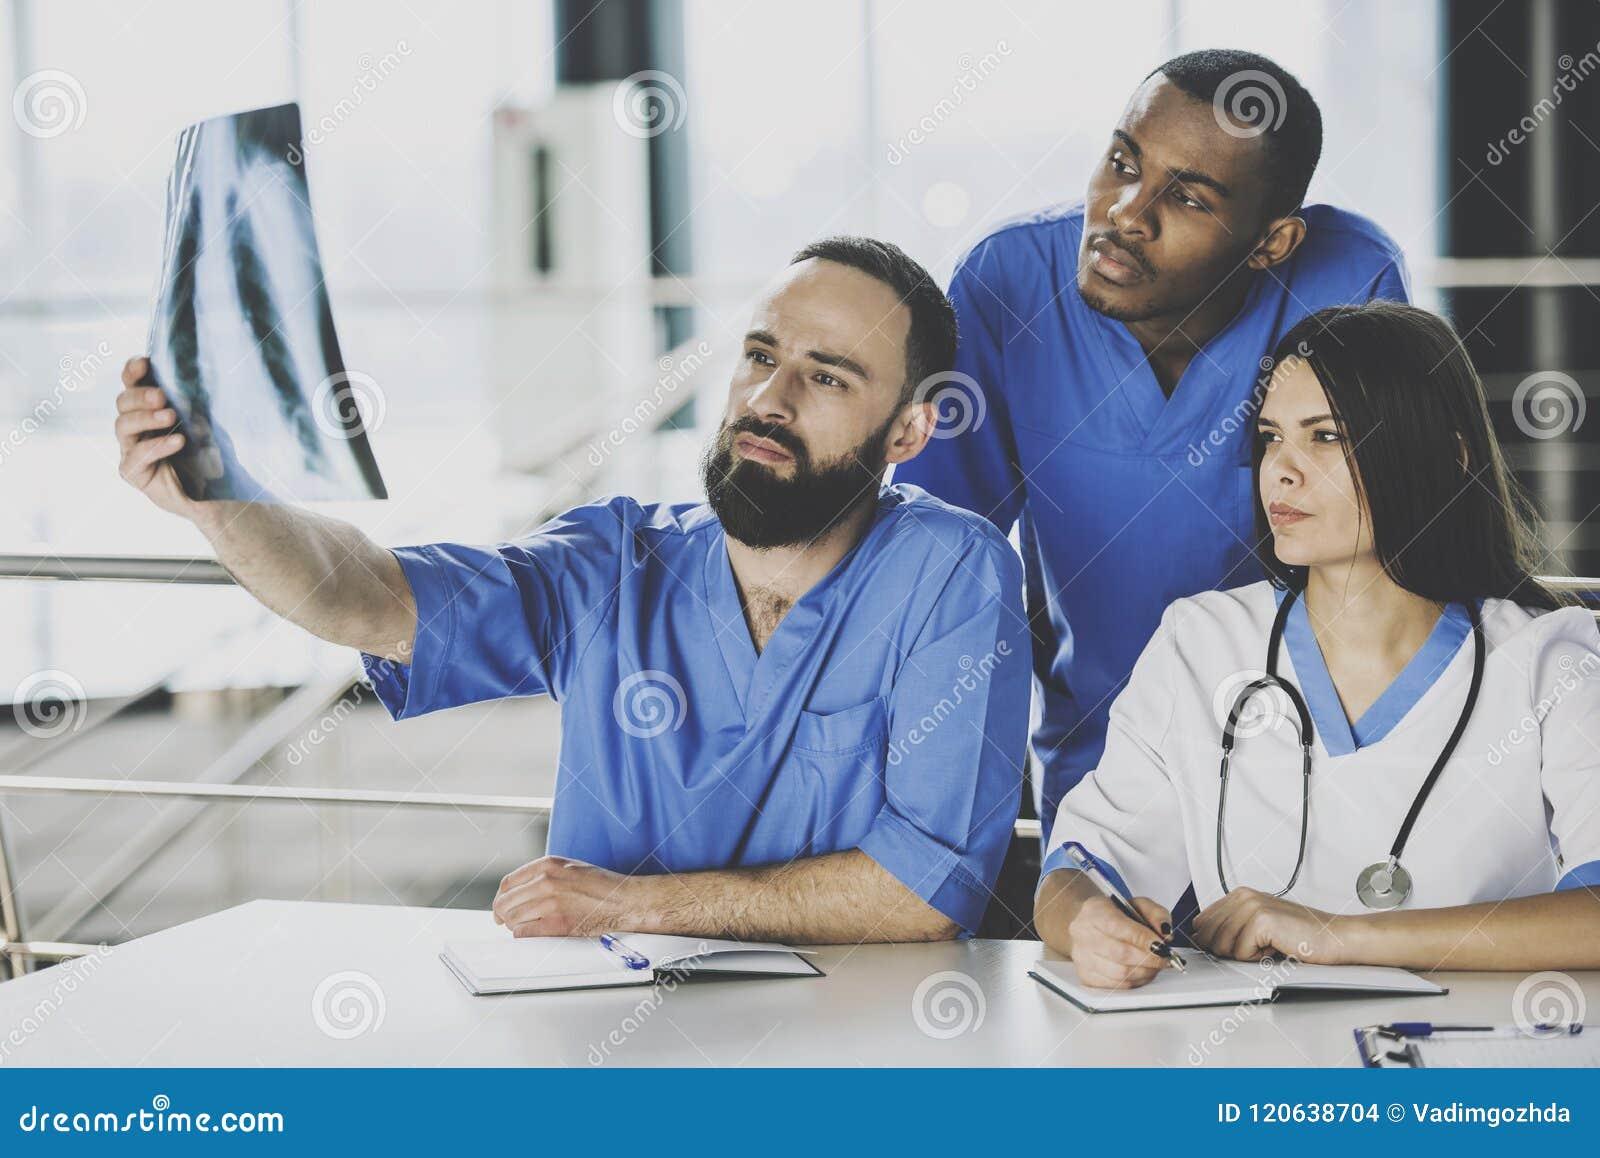 Equipo de hospital de los doctores Examining X-ray Scan In